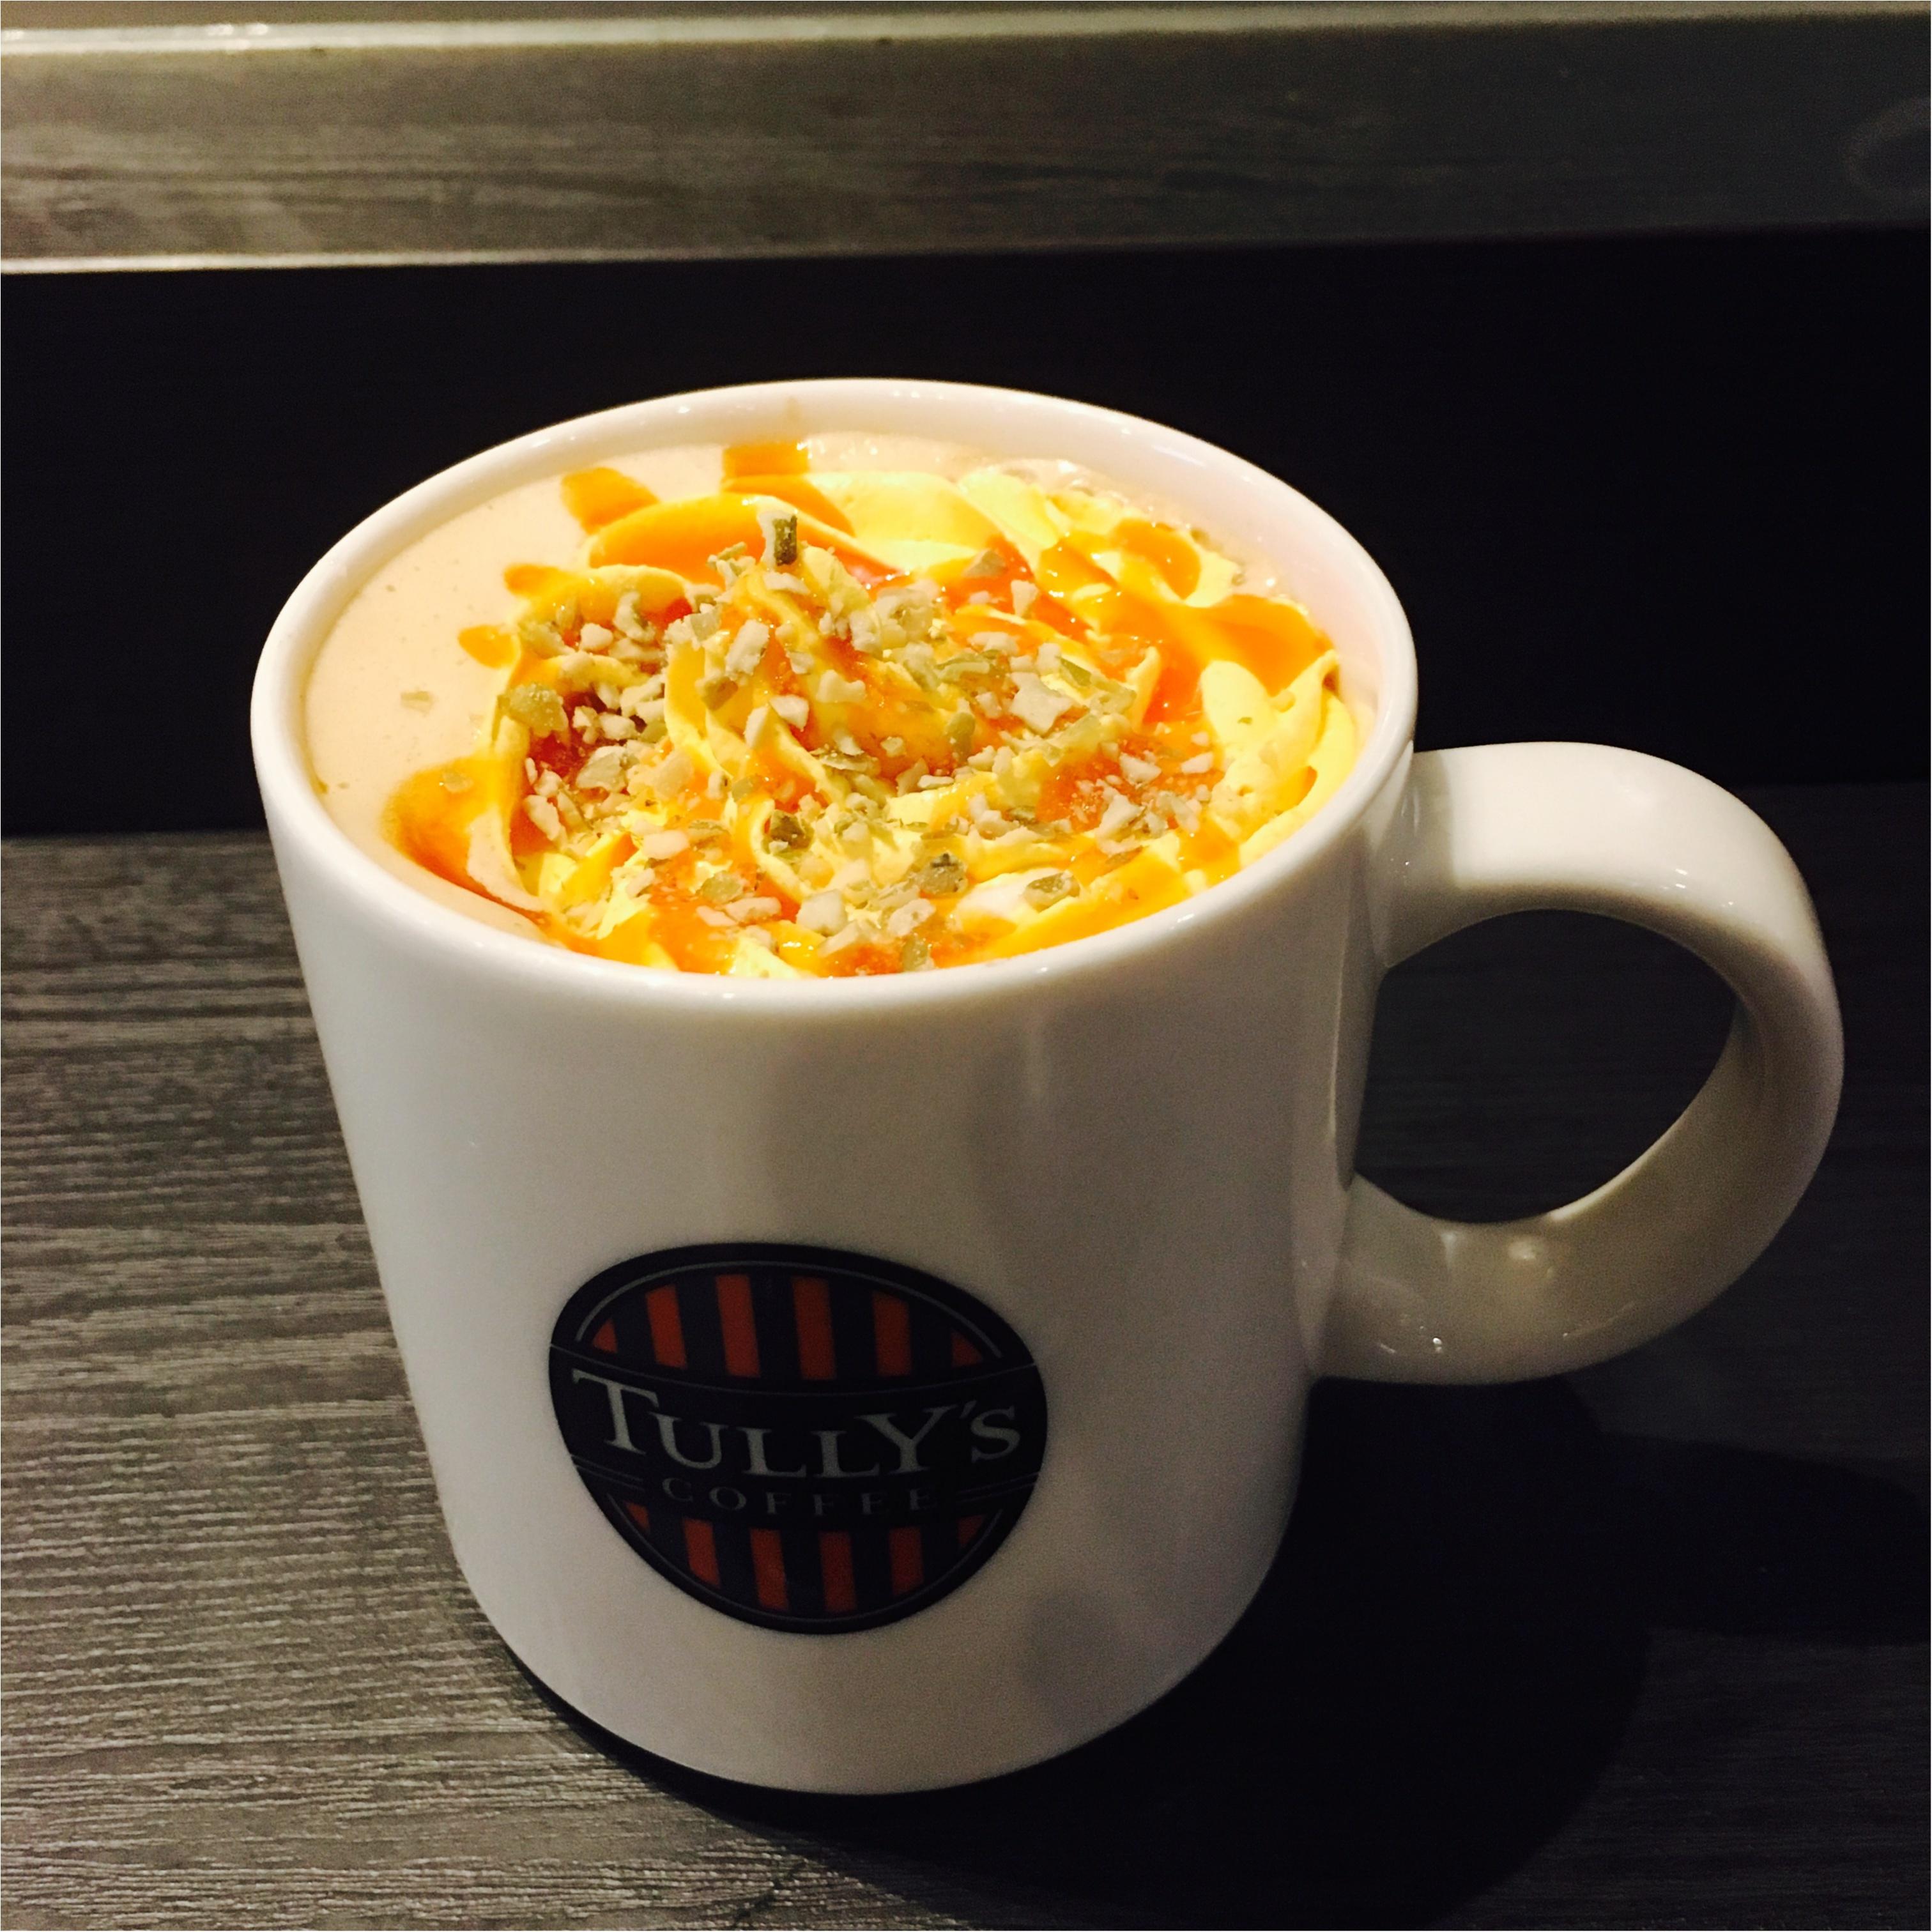 [Tullys coffee]ハロウィン先取り!期間限定のキャラメルパンプキンラテ_1